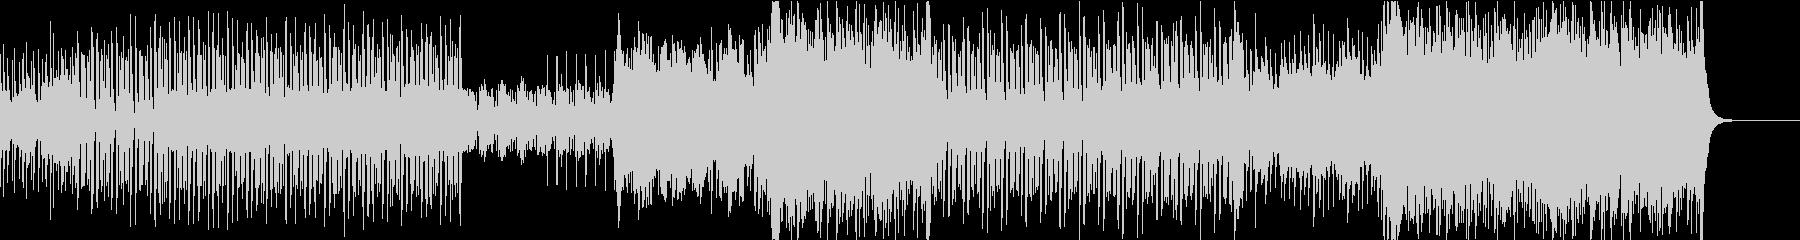 ギターの音色が印象的なトロピカルハウスの未再生の波形